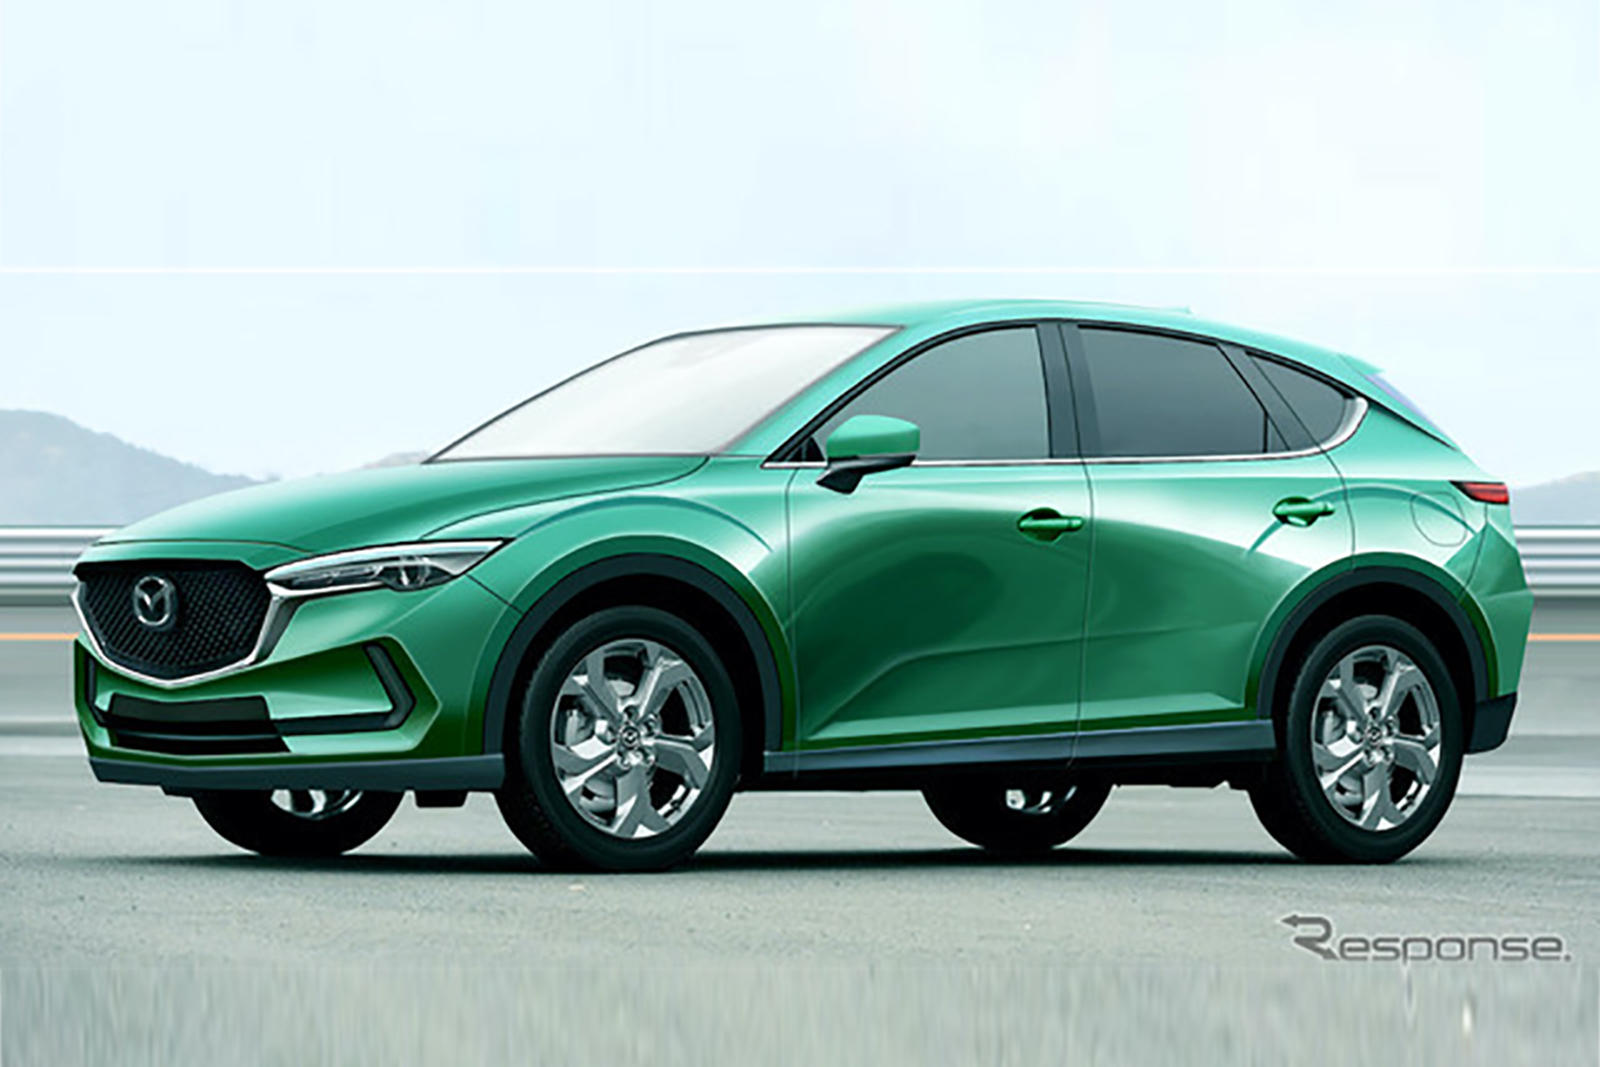 Kelebihan Kekurangan Mazda Cx 50 Tangguh